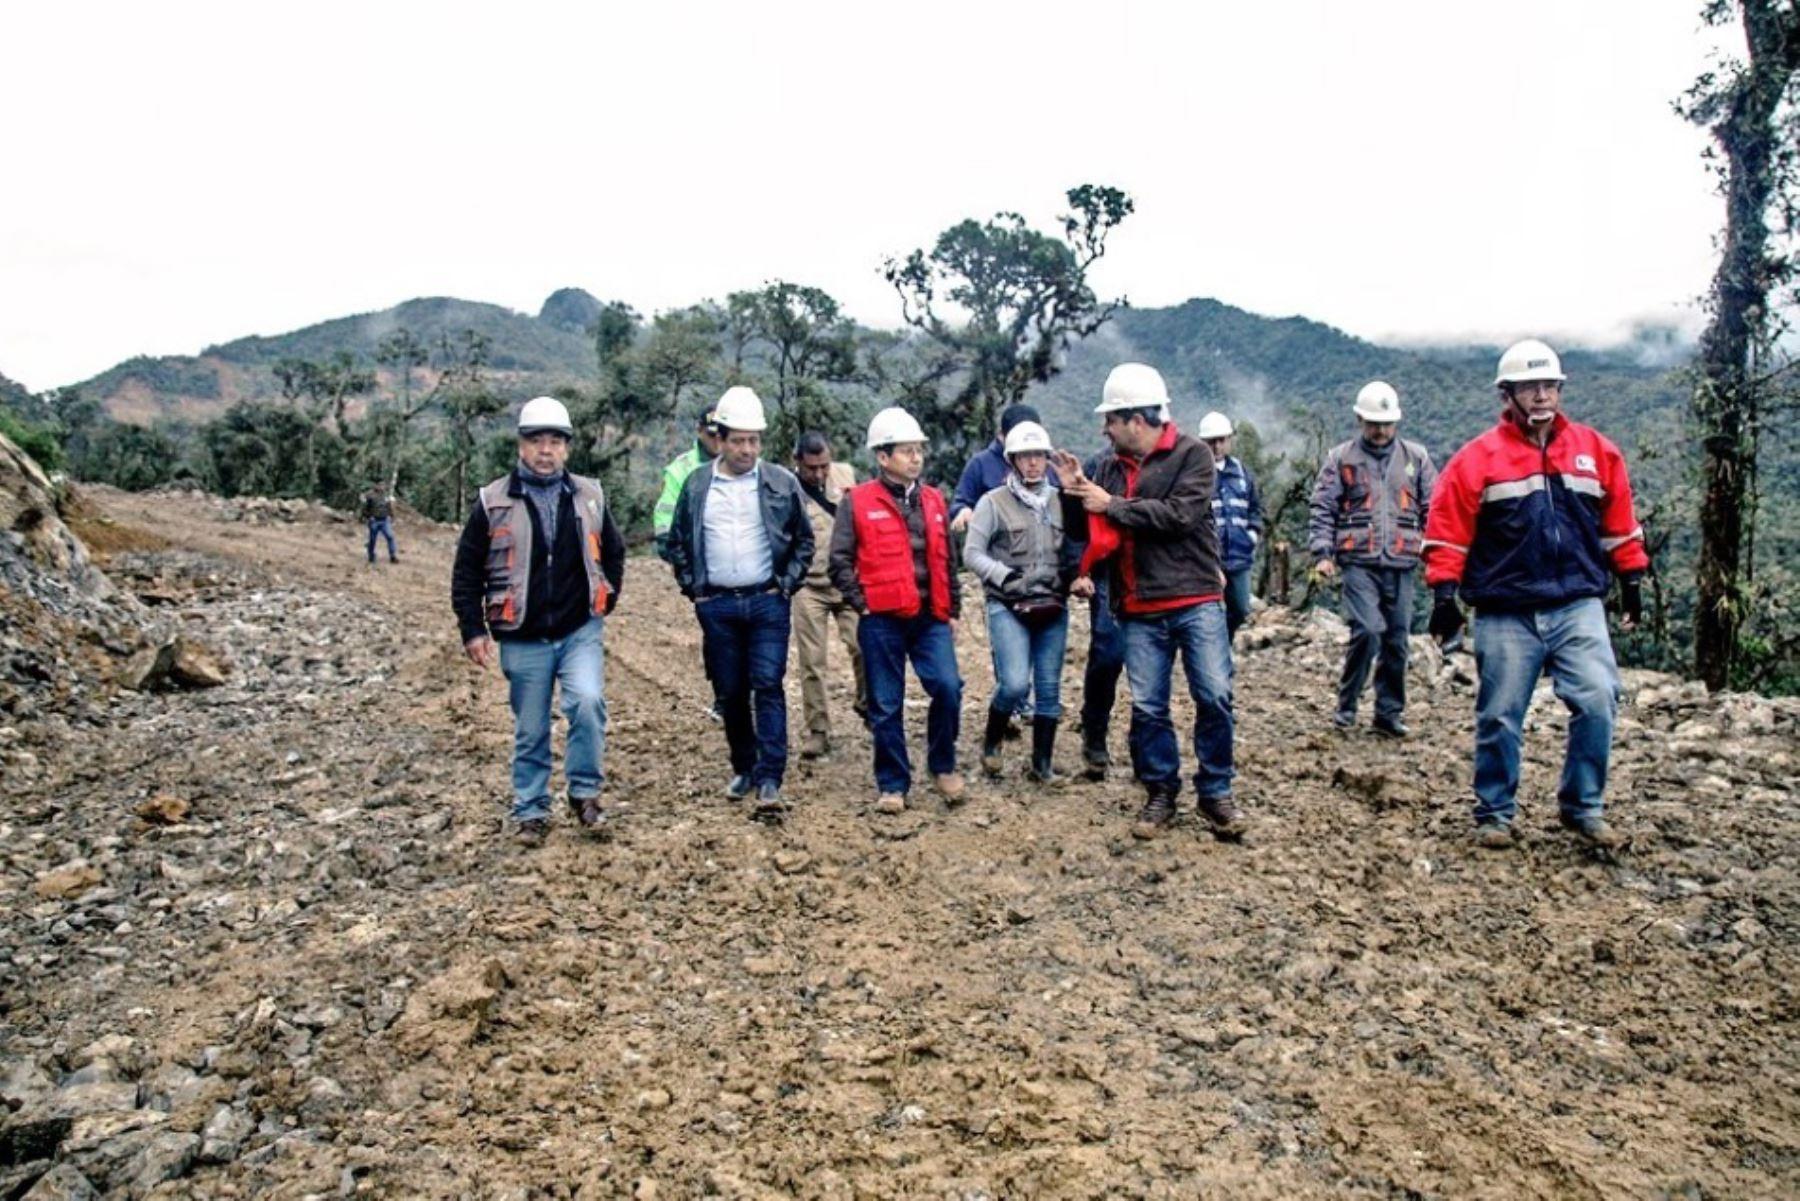 El Ministerio de Transportes y Comunicaciones (MTC) destinó 232 millones de soles para inversiones en obras de infraestructura y mantenimiento en la región Amazonas, destacó el titular del sector, Edmer Trujillo Mori, durante su visita de inspección a las carreteras de esa región.